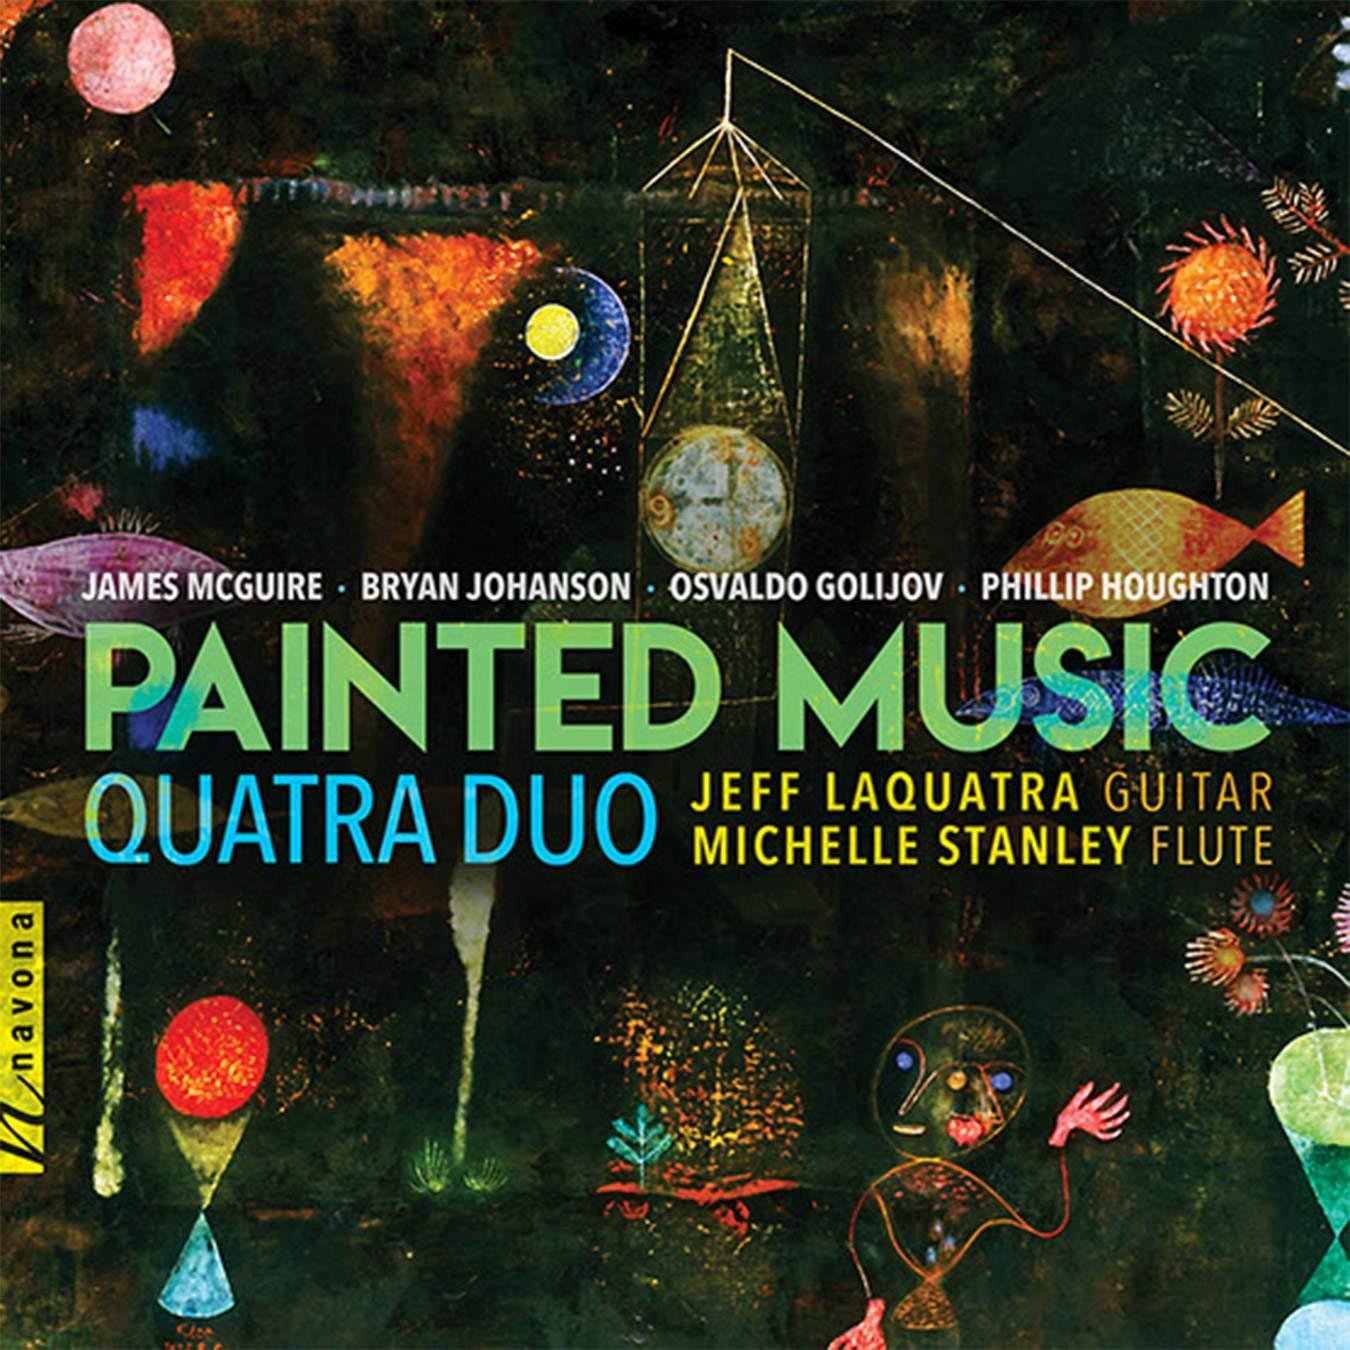 PAINTED MUSIC - Album Cover